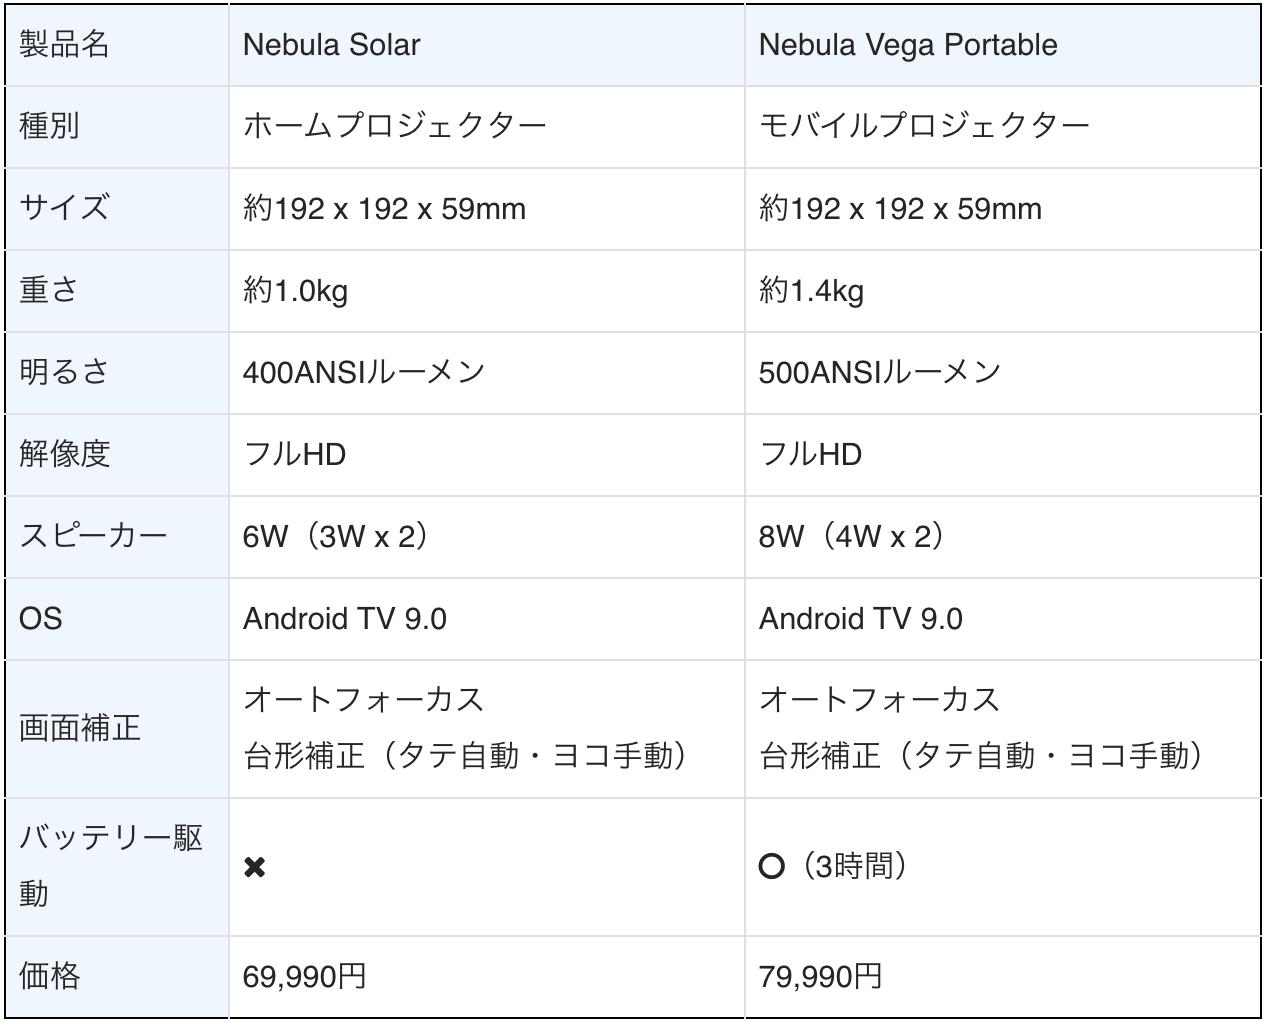 Nebula Vega PortableとNebula Solarのスペック